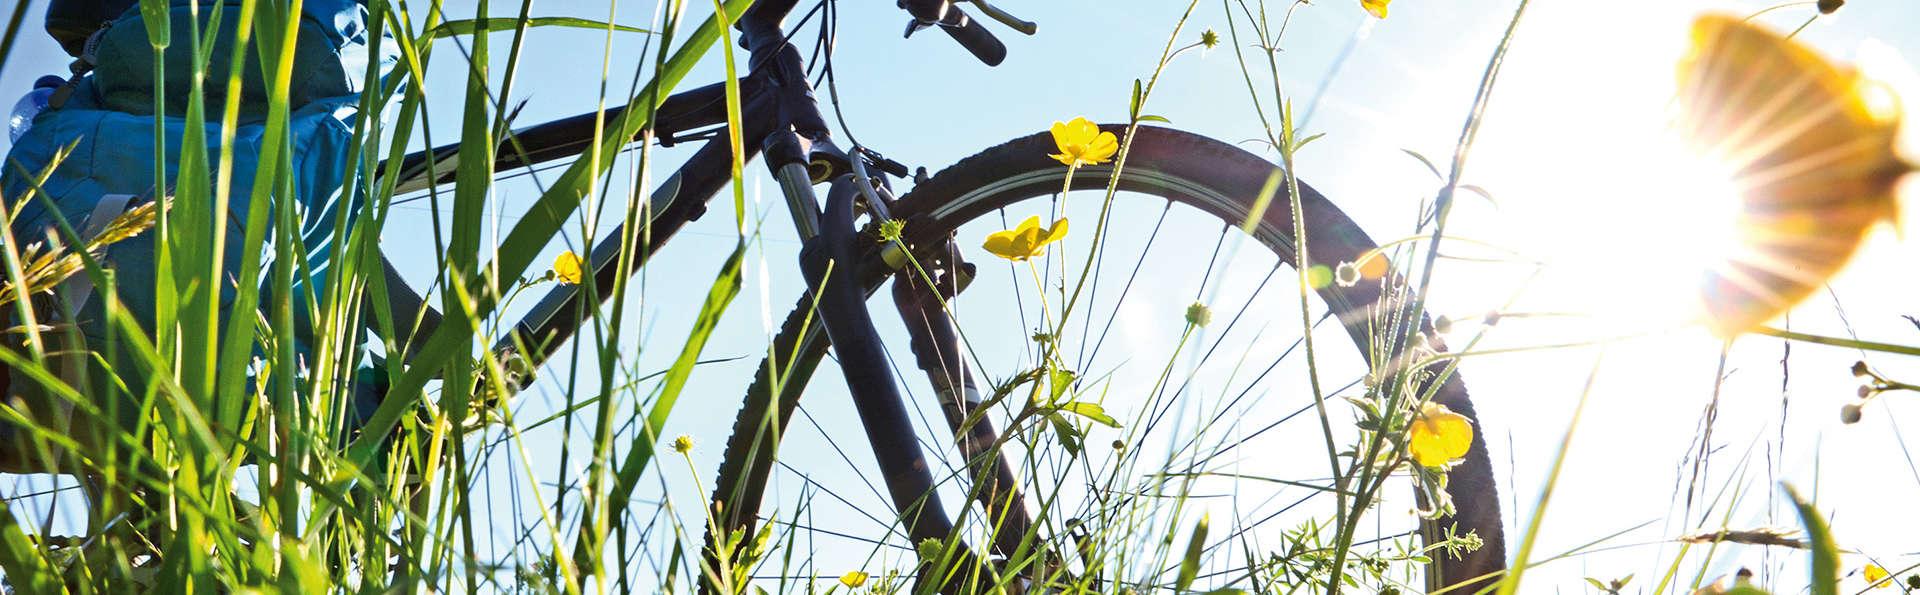 Explorez les environs de Lanaken à vélo